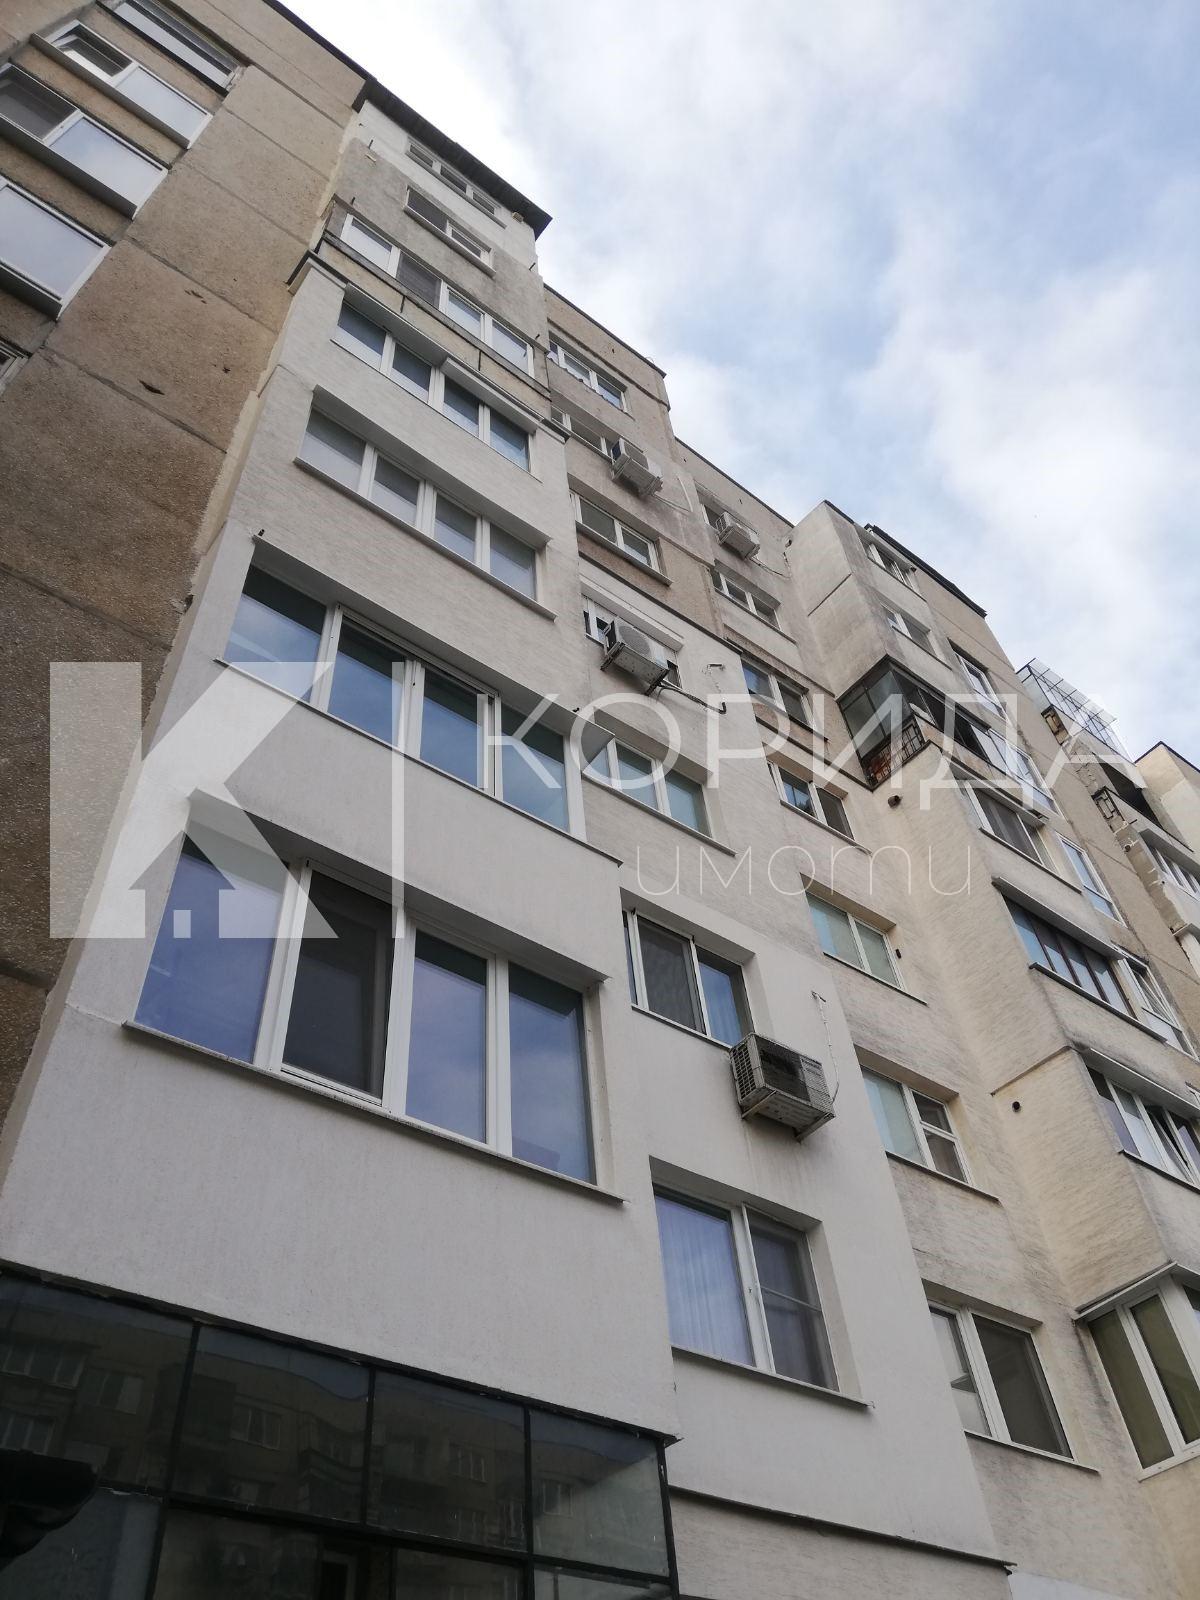 3-стаен апартамент в ж.к. Люлин 6